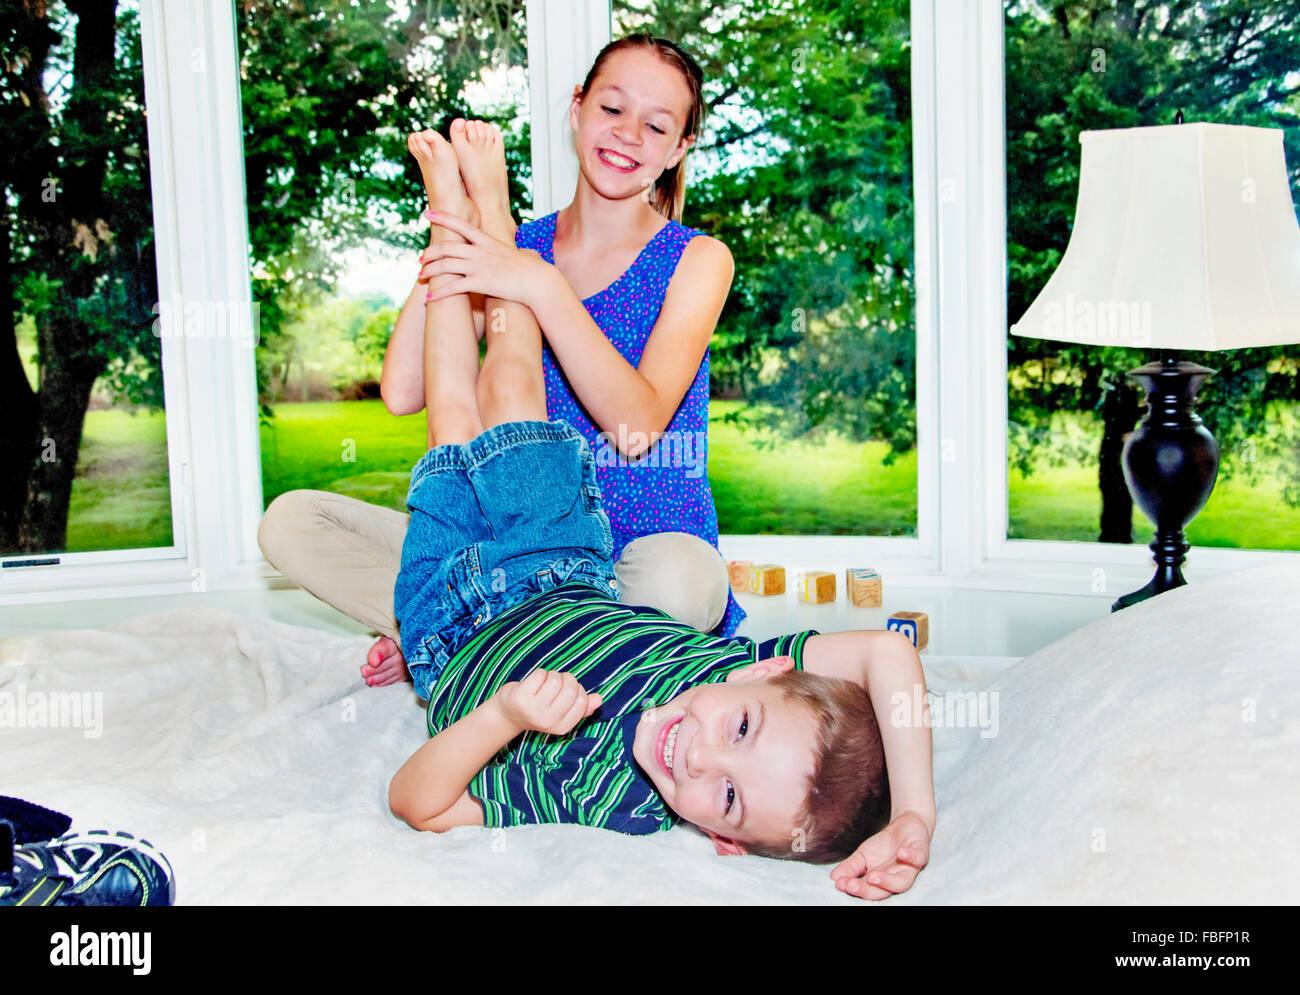 girl tickling little boys feet on bed - Stock Image